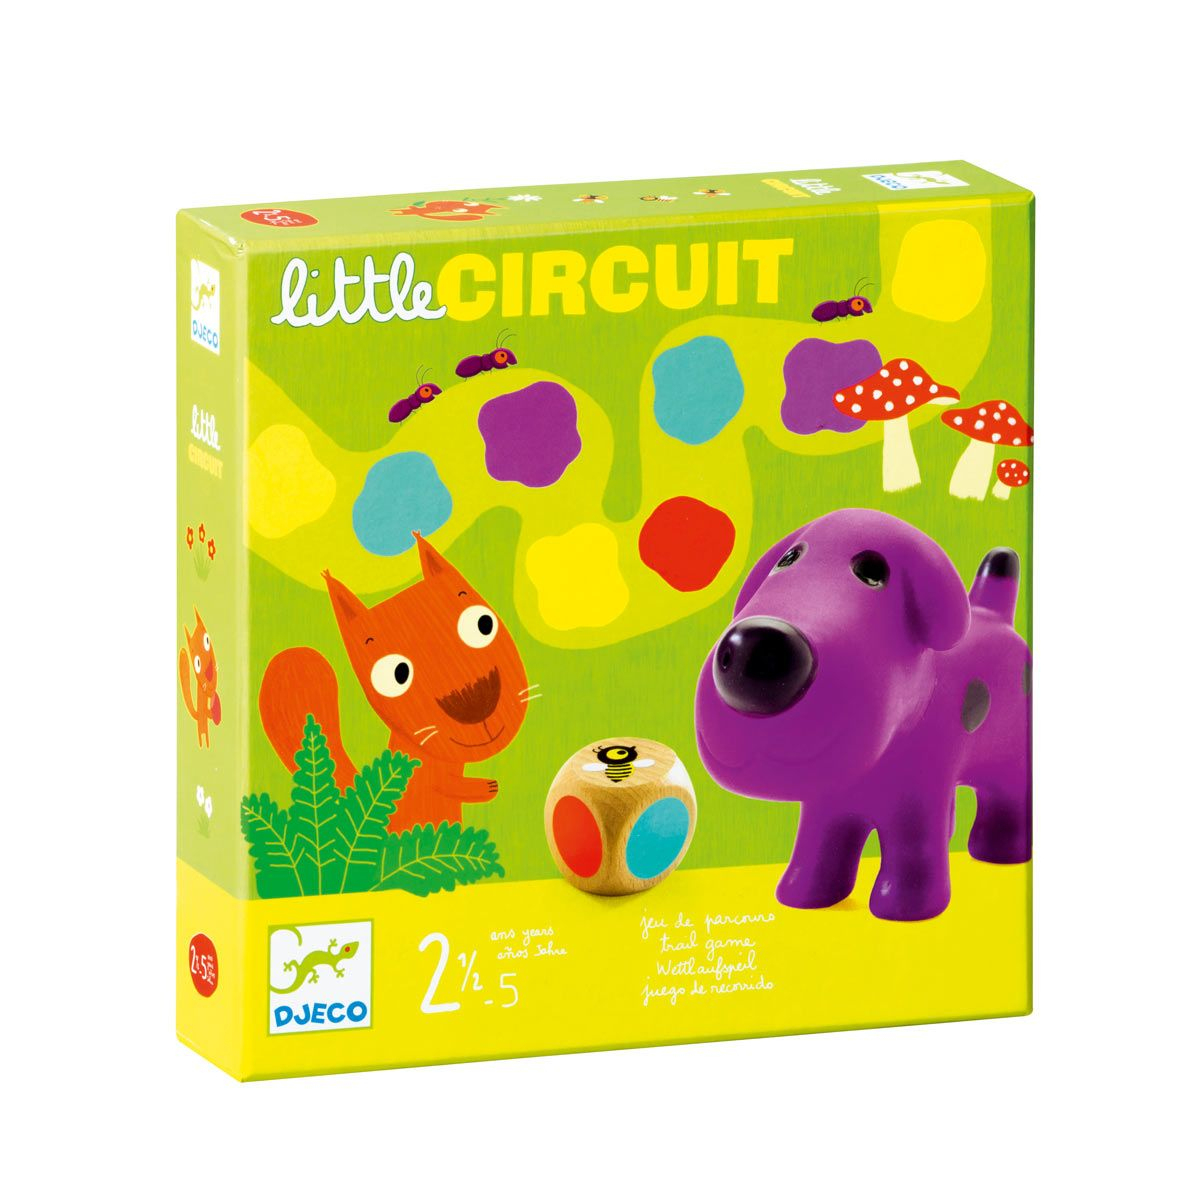 Jeu De Société Little Circuit Djeco Pour Enfant De 2 Ans À 5 avec Jeux De Societe Enfant 5 Ans